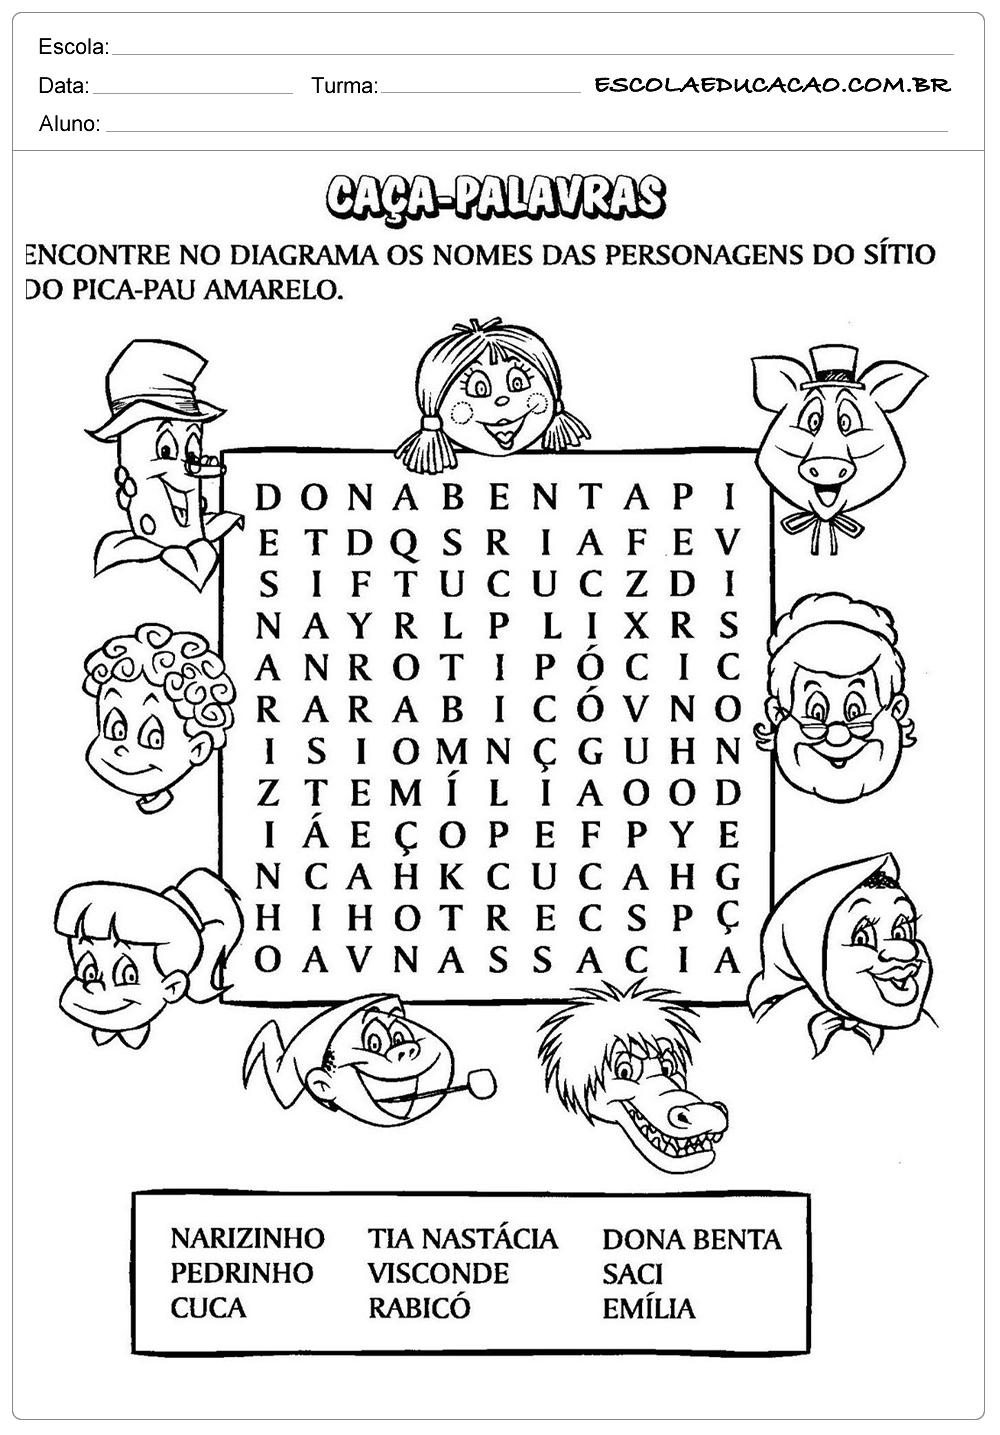 Dia do Livro - Monteiro Lobato - Caça Palavras - Escola Educação